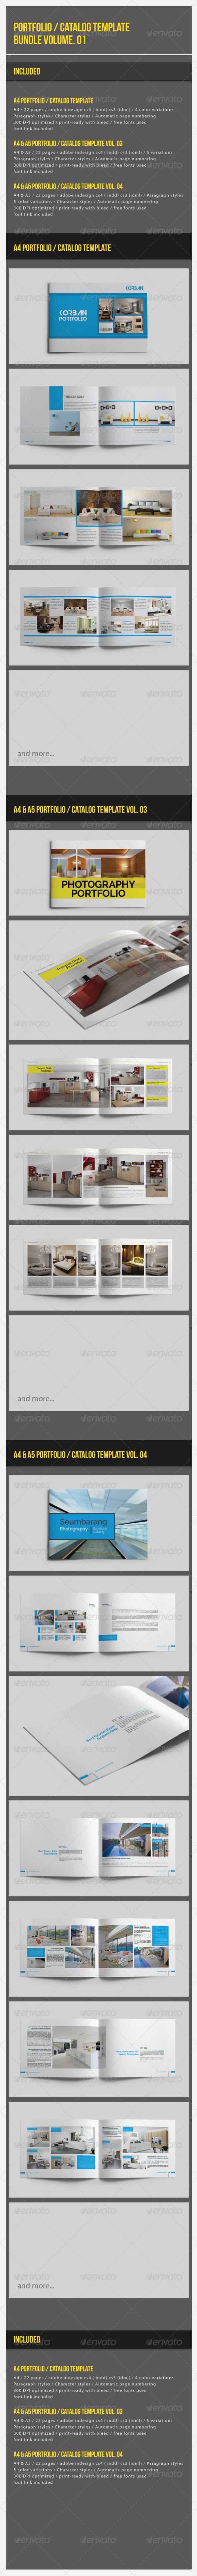 GraphicRiver Portfolio Catalog Template Bundle Vol 01 8054201